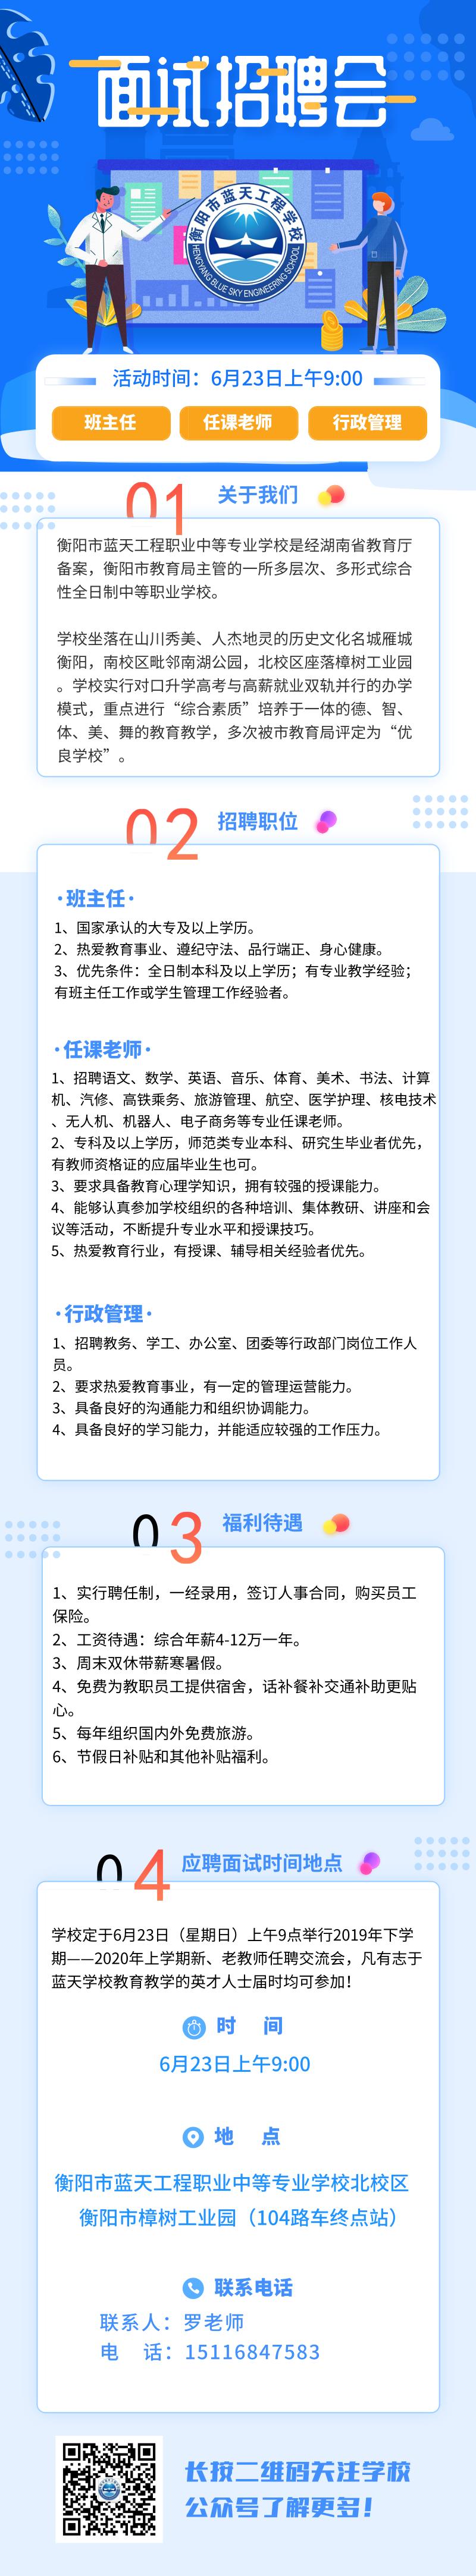 默认标题_自定义px_2019.06.19.png